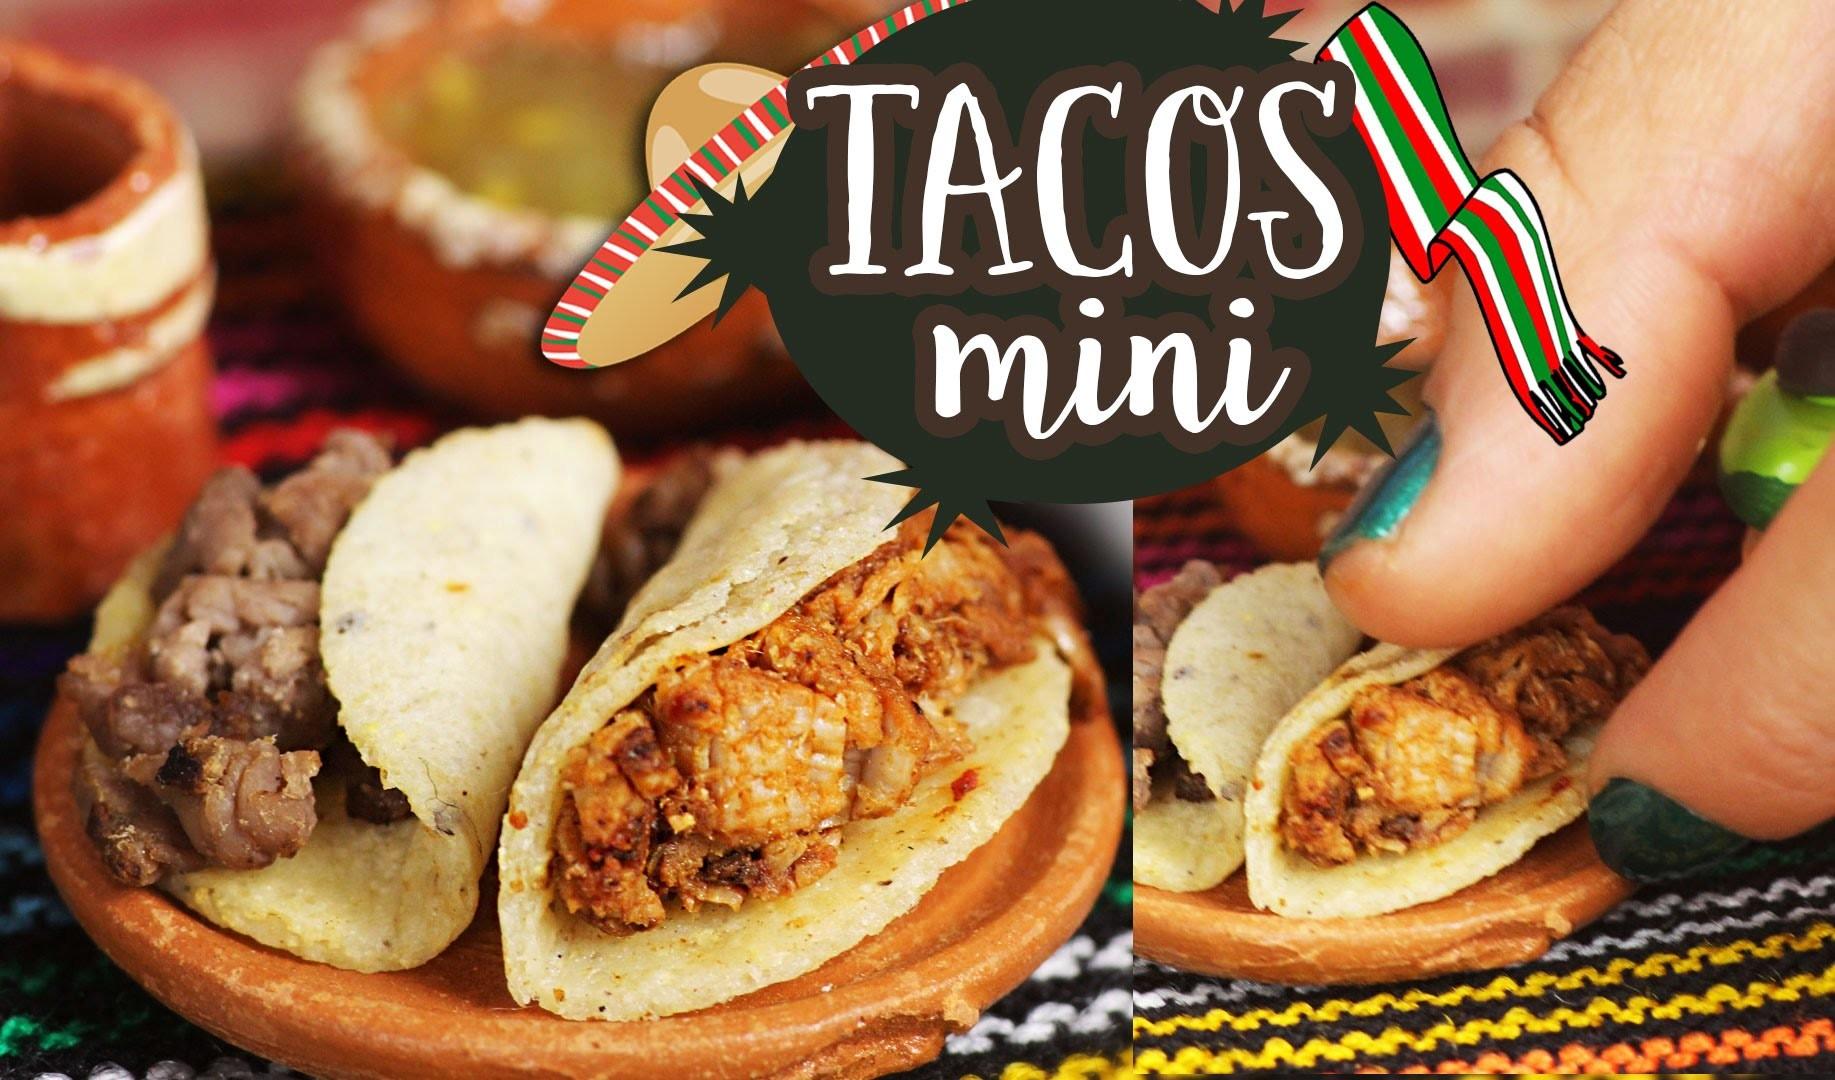 Cómo hacer mini tacos caseros: pastor y asada ✄ Craftingeek